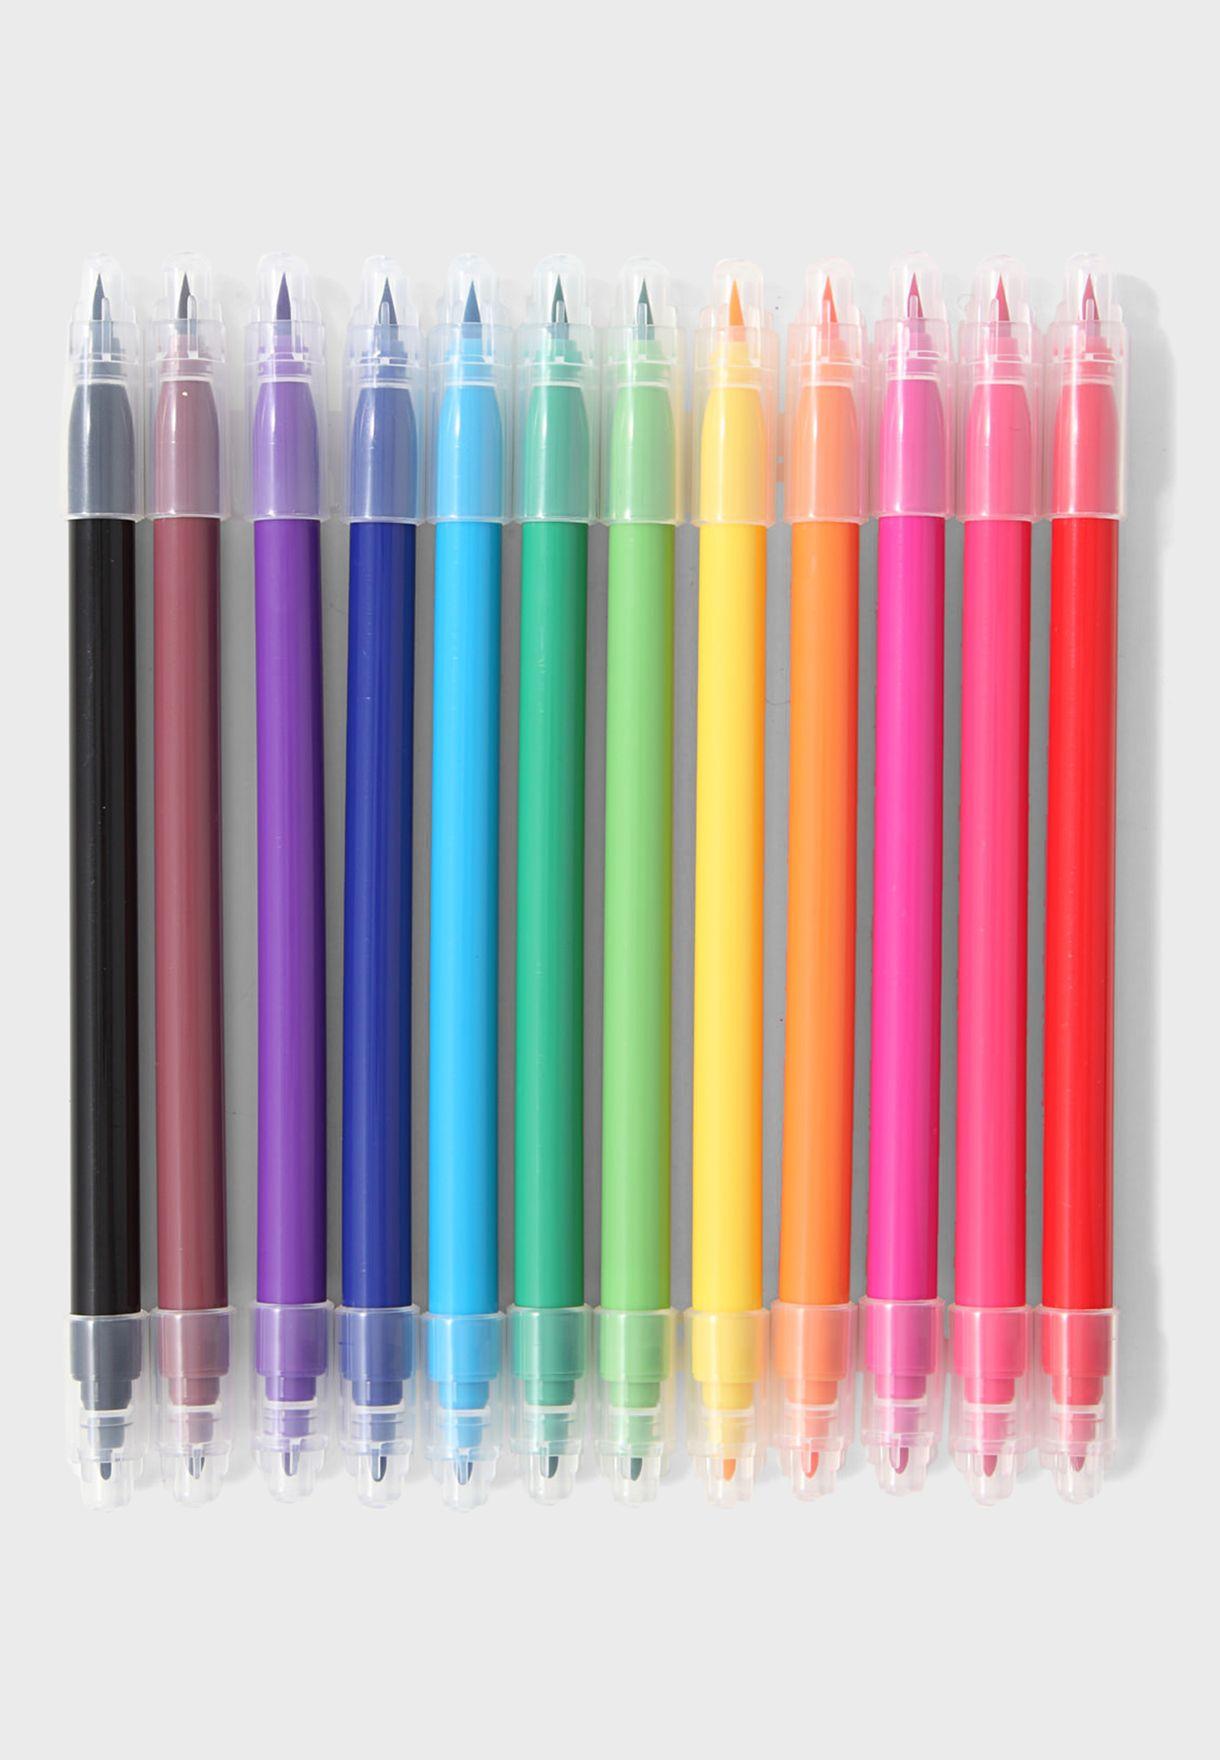 Set 12 Colors Pen With Case